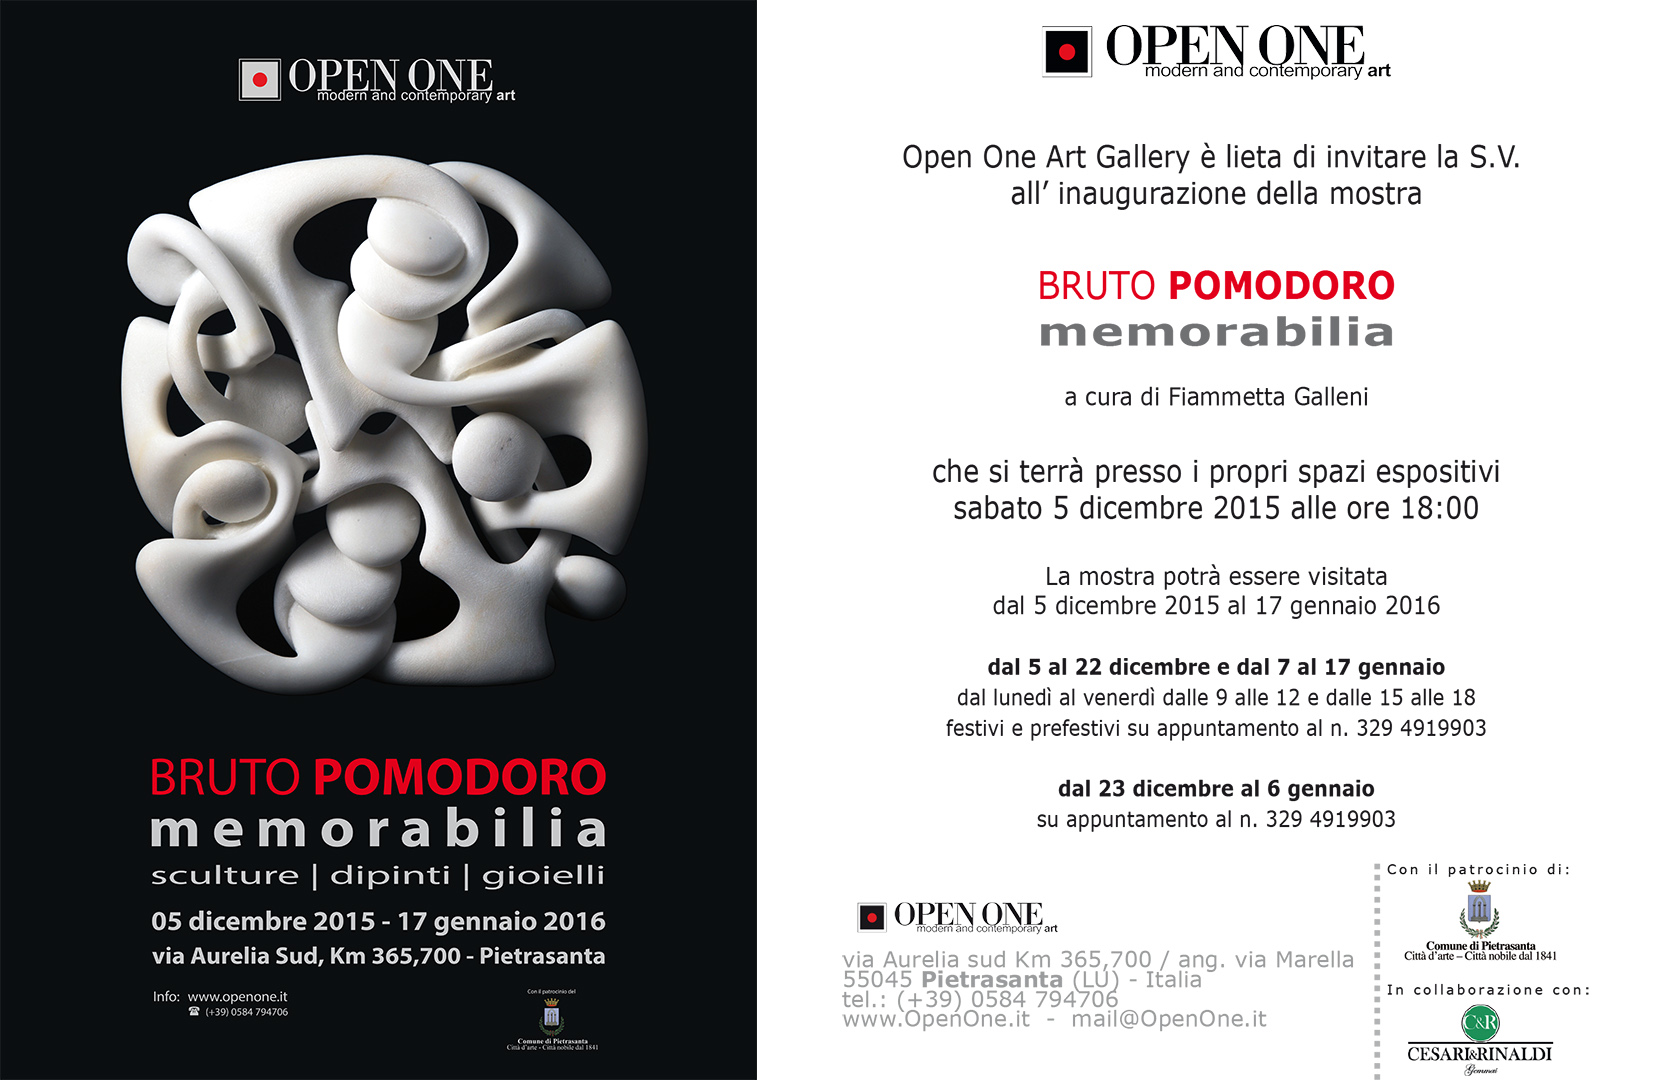 Invito-OPENONE-mostra-Bruto-Pomodoro